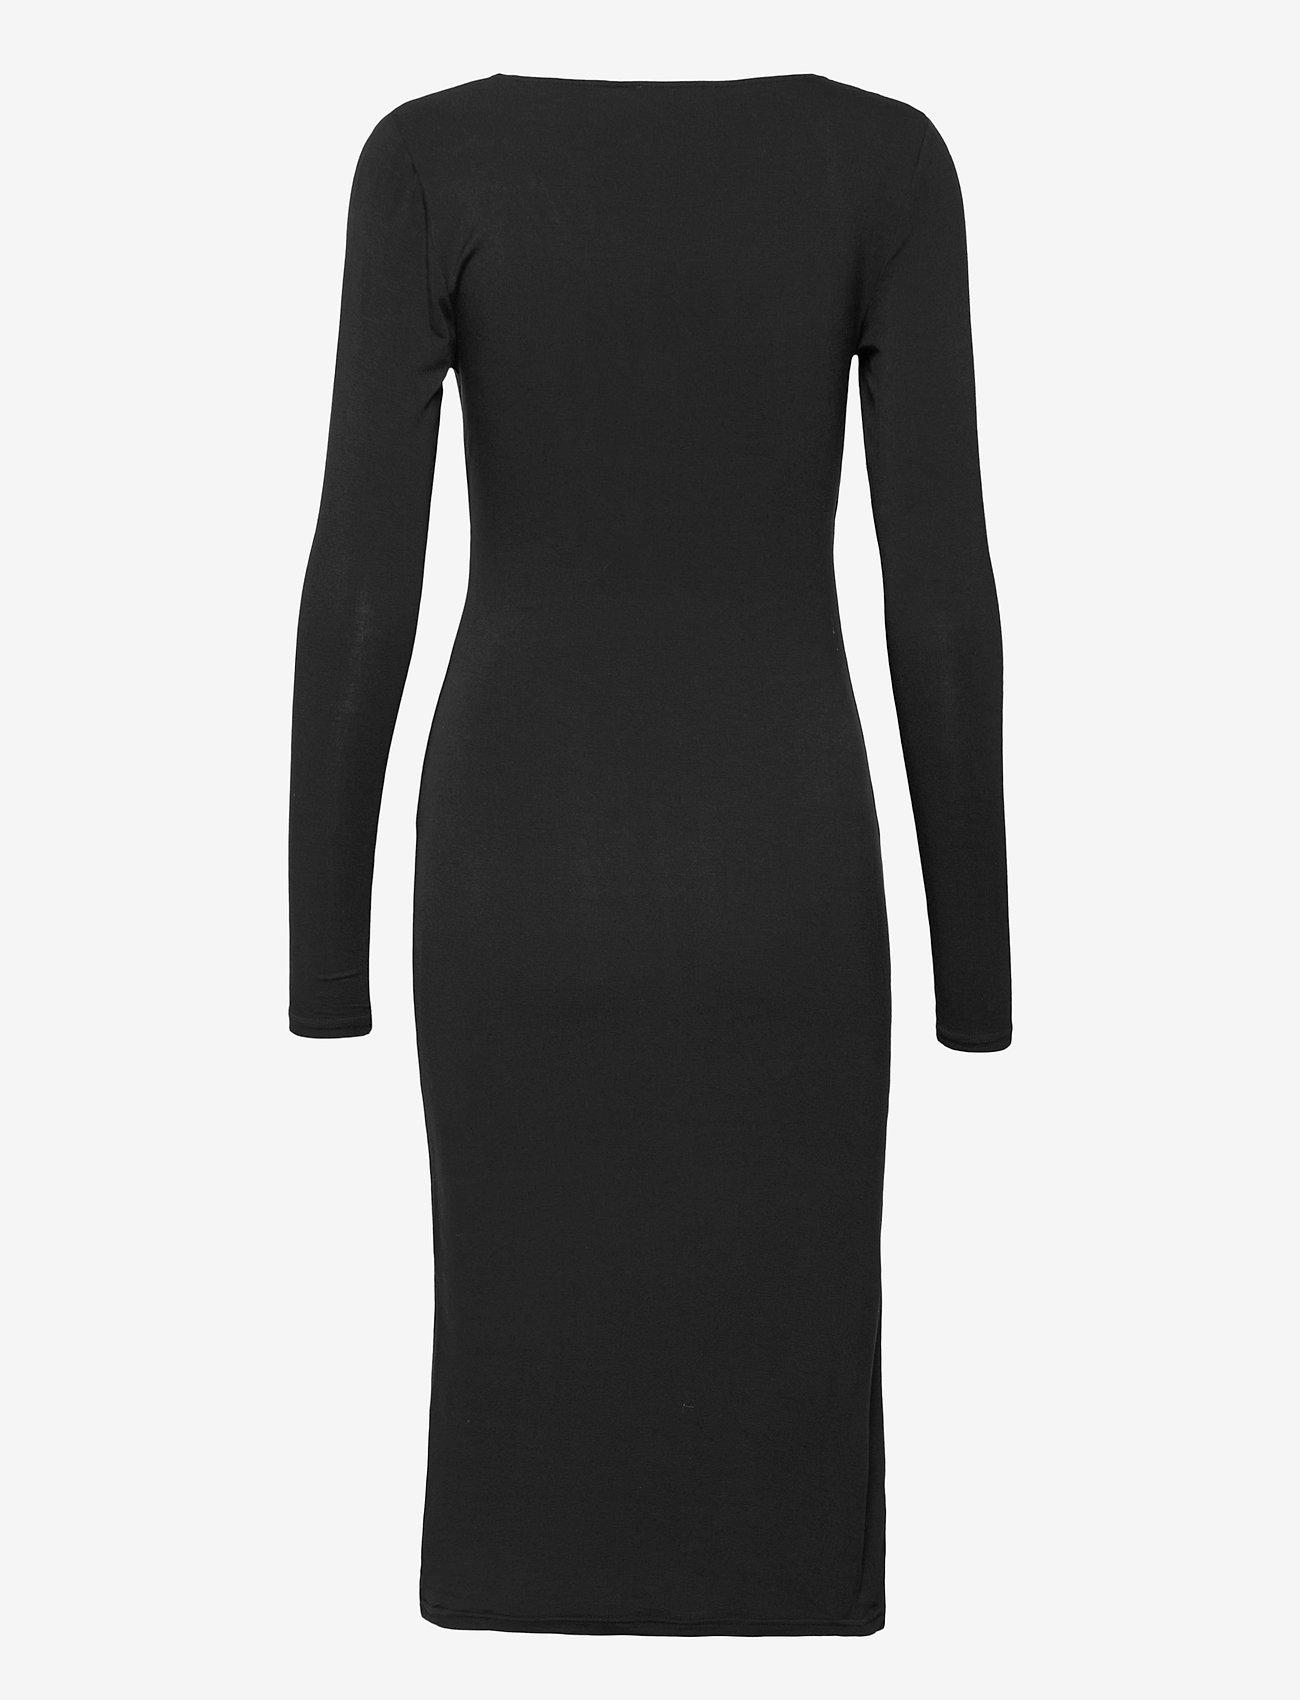 Rosemunde - Dress ls - vardagsklänningar - black - 1